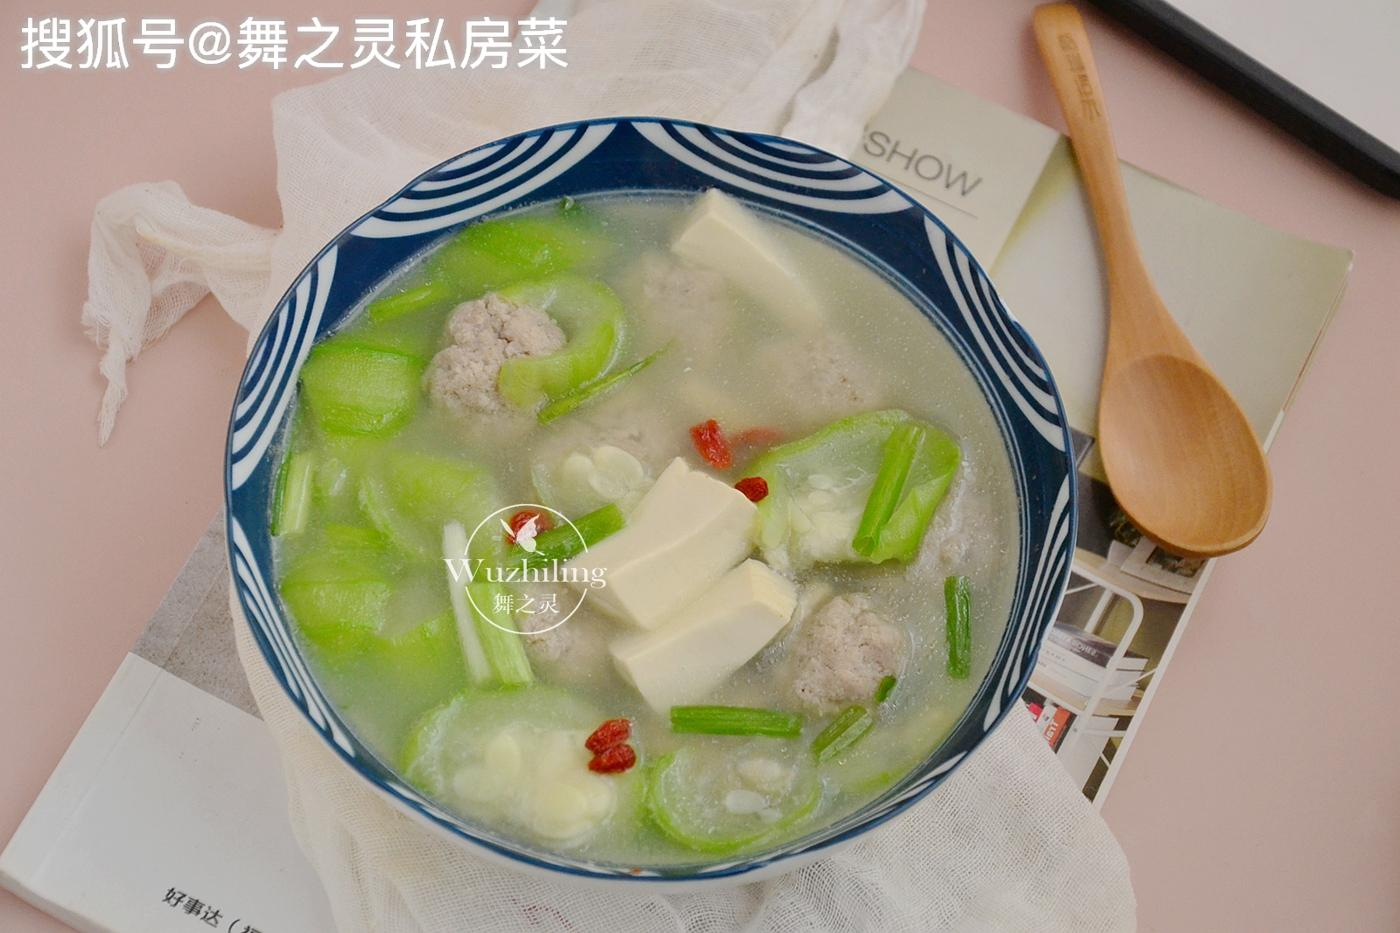 豆腐和此菜是绝配,每周吃三次,美白润肤,比玻尿酸管用。